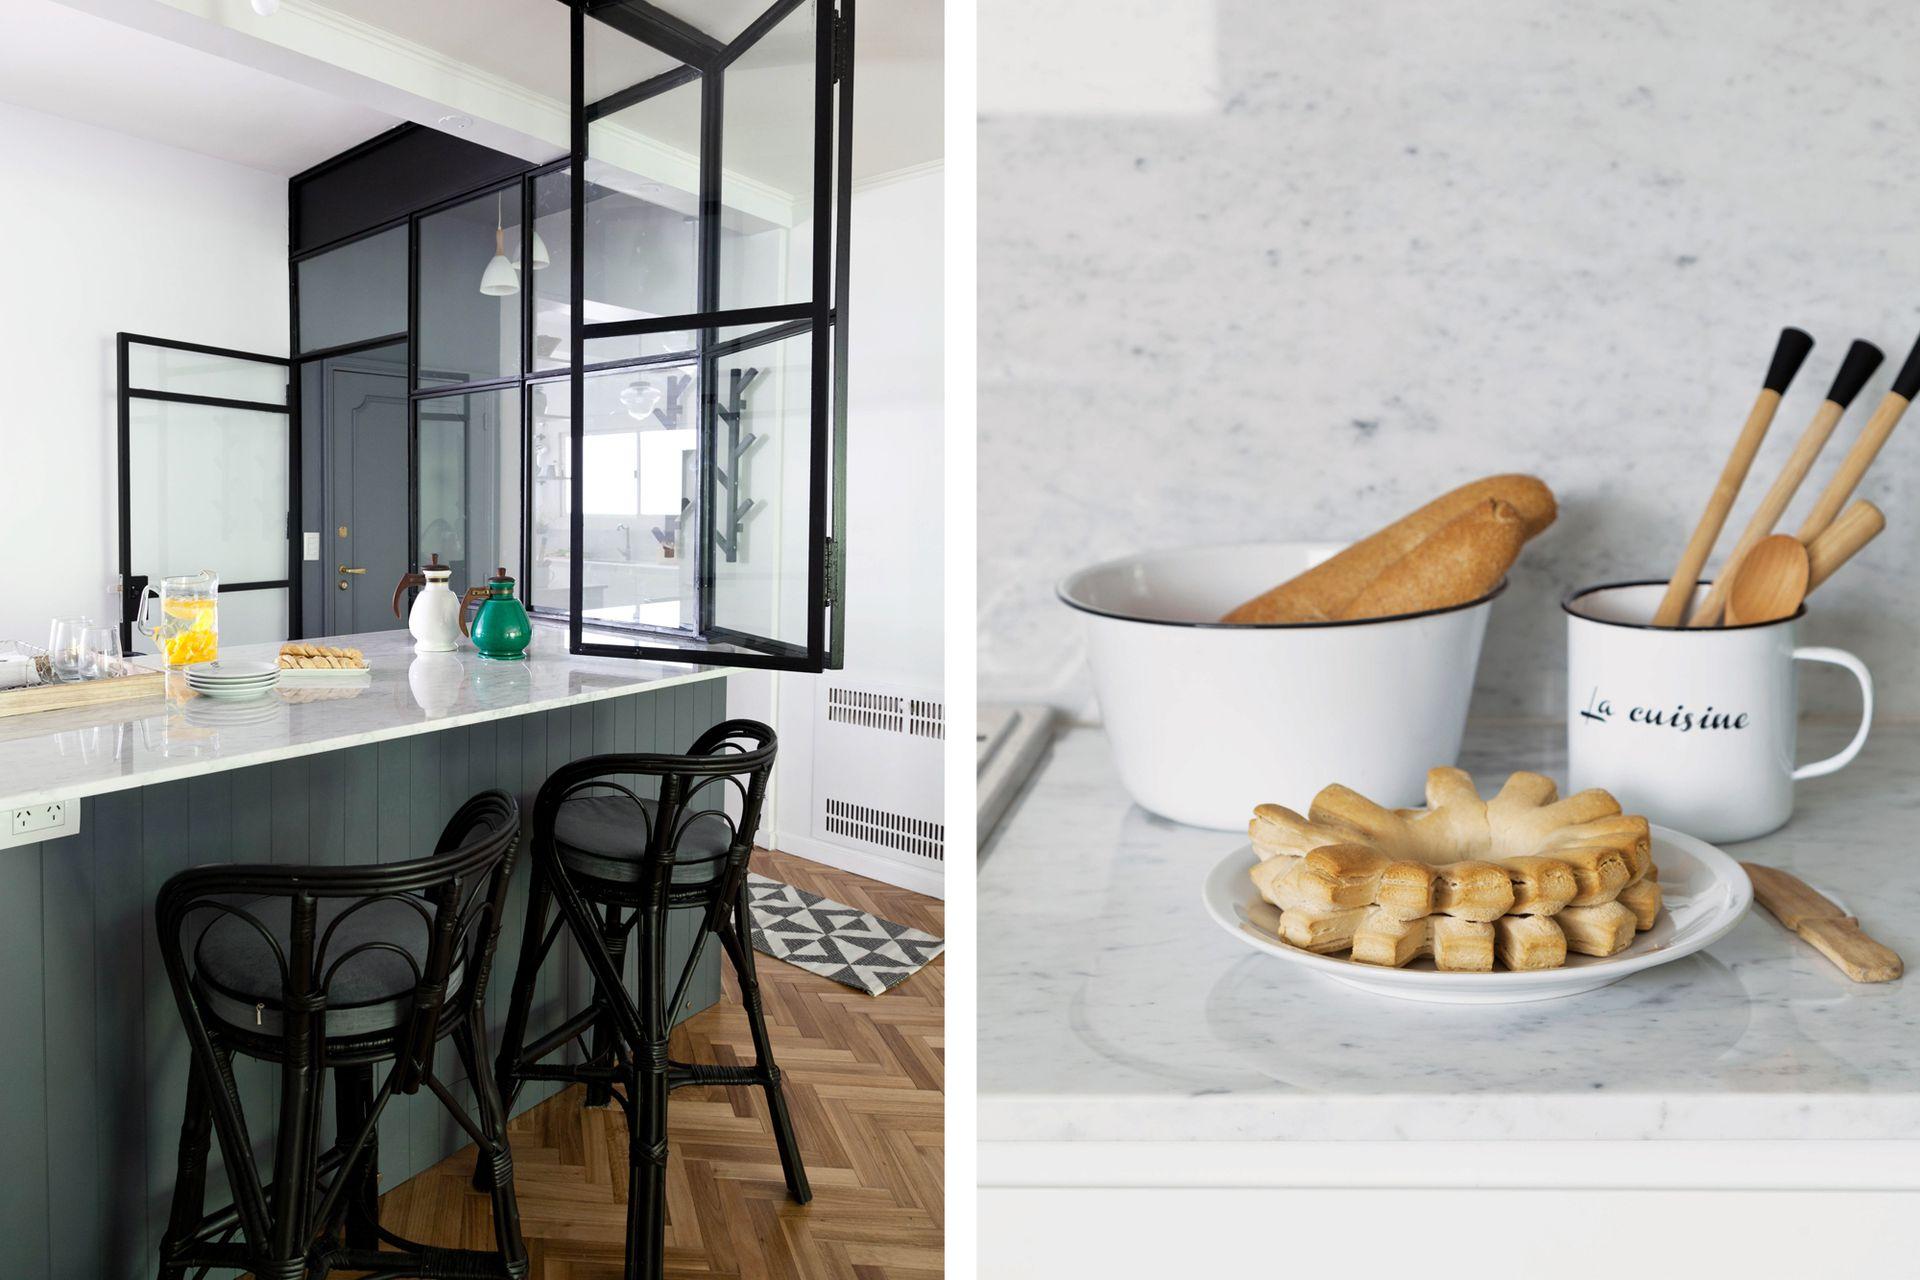 ¿Mesada de Carrara? Aunque los arquitectos aclaran siempre que es una piedra porosa que se mancha, muchos clientes la siguen eligiendo por su belleza y la forma en que refleja la luz.